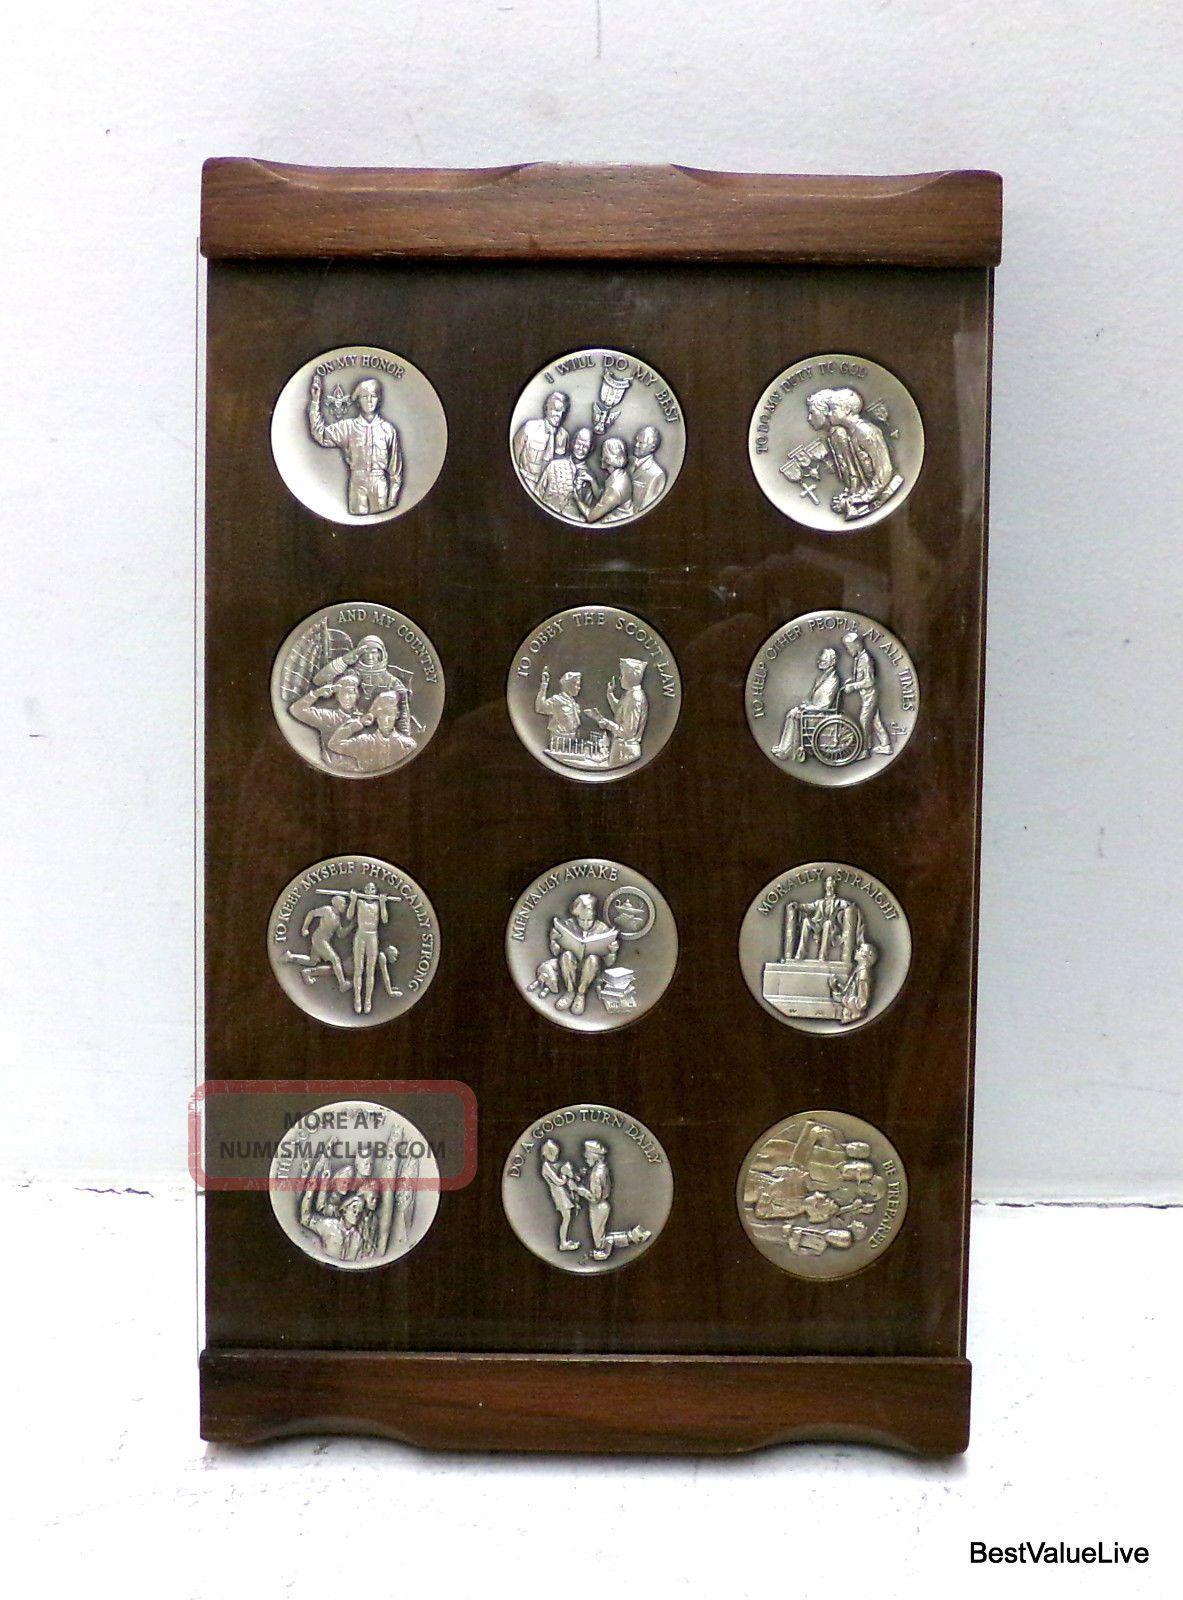 1 Kilo Silver Bar Canada Rare 1 Kilo Jm Johnson Matthey